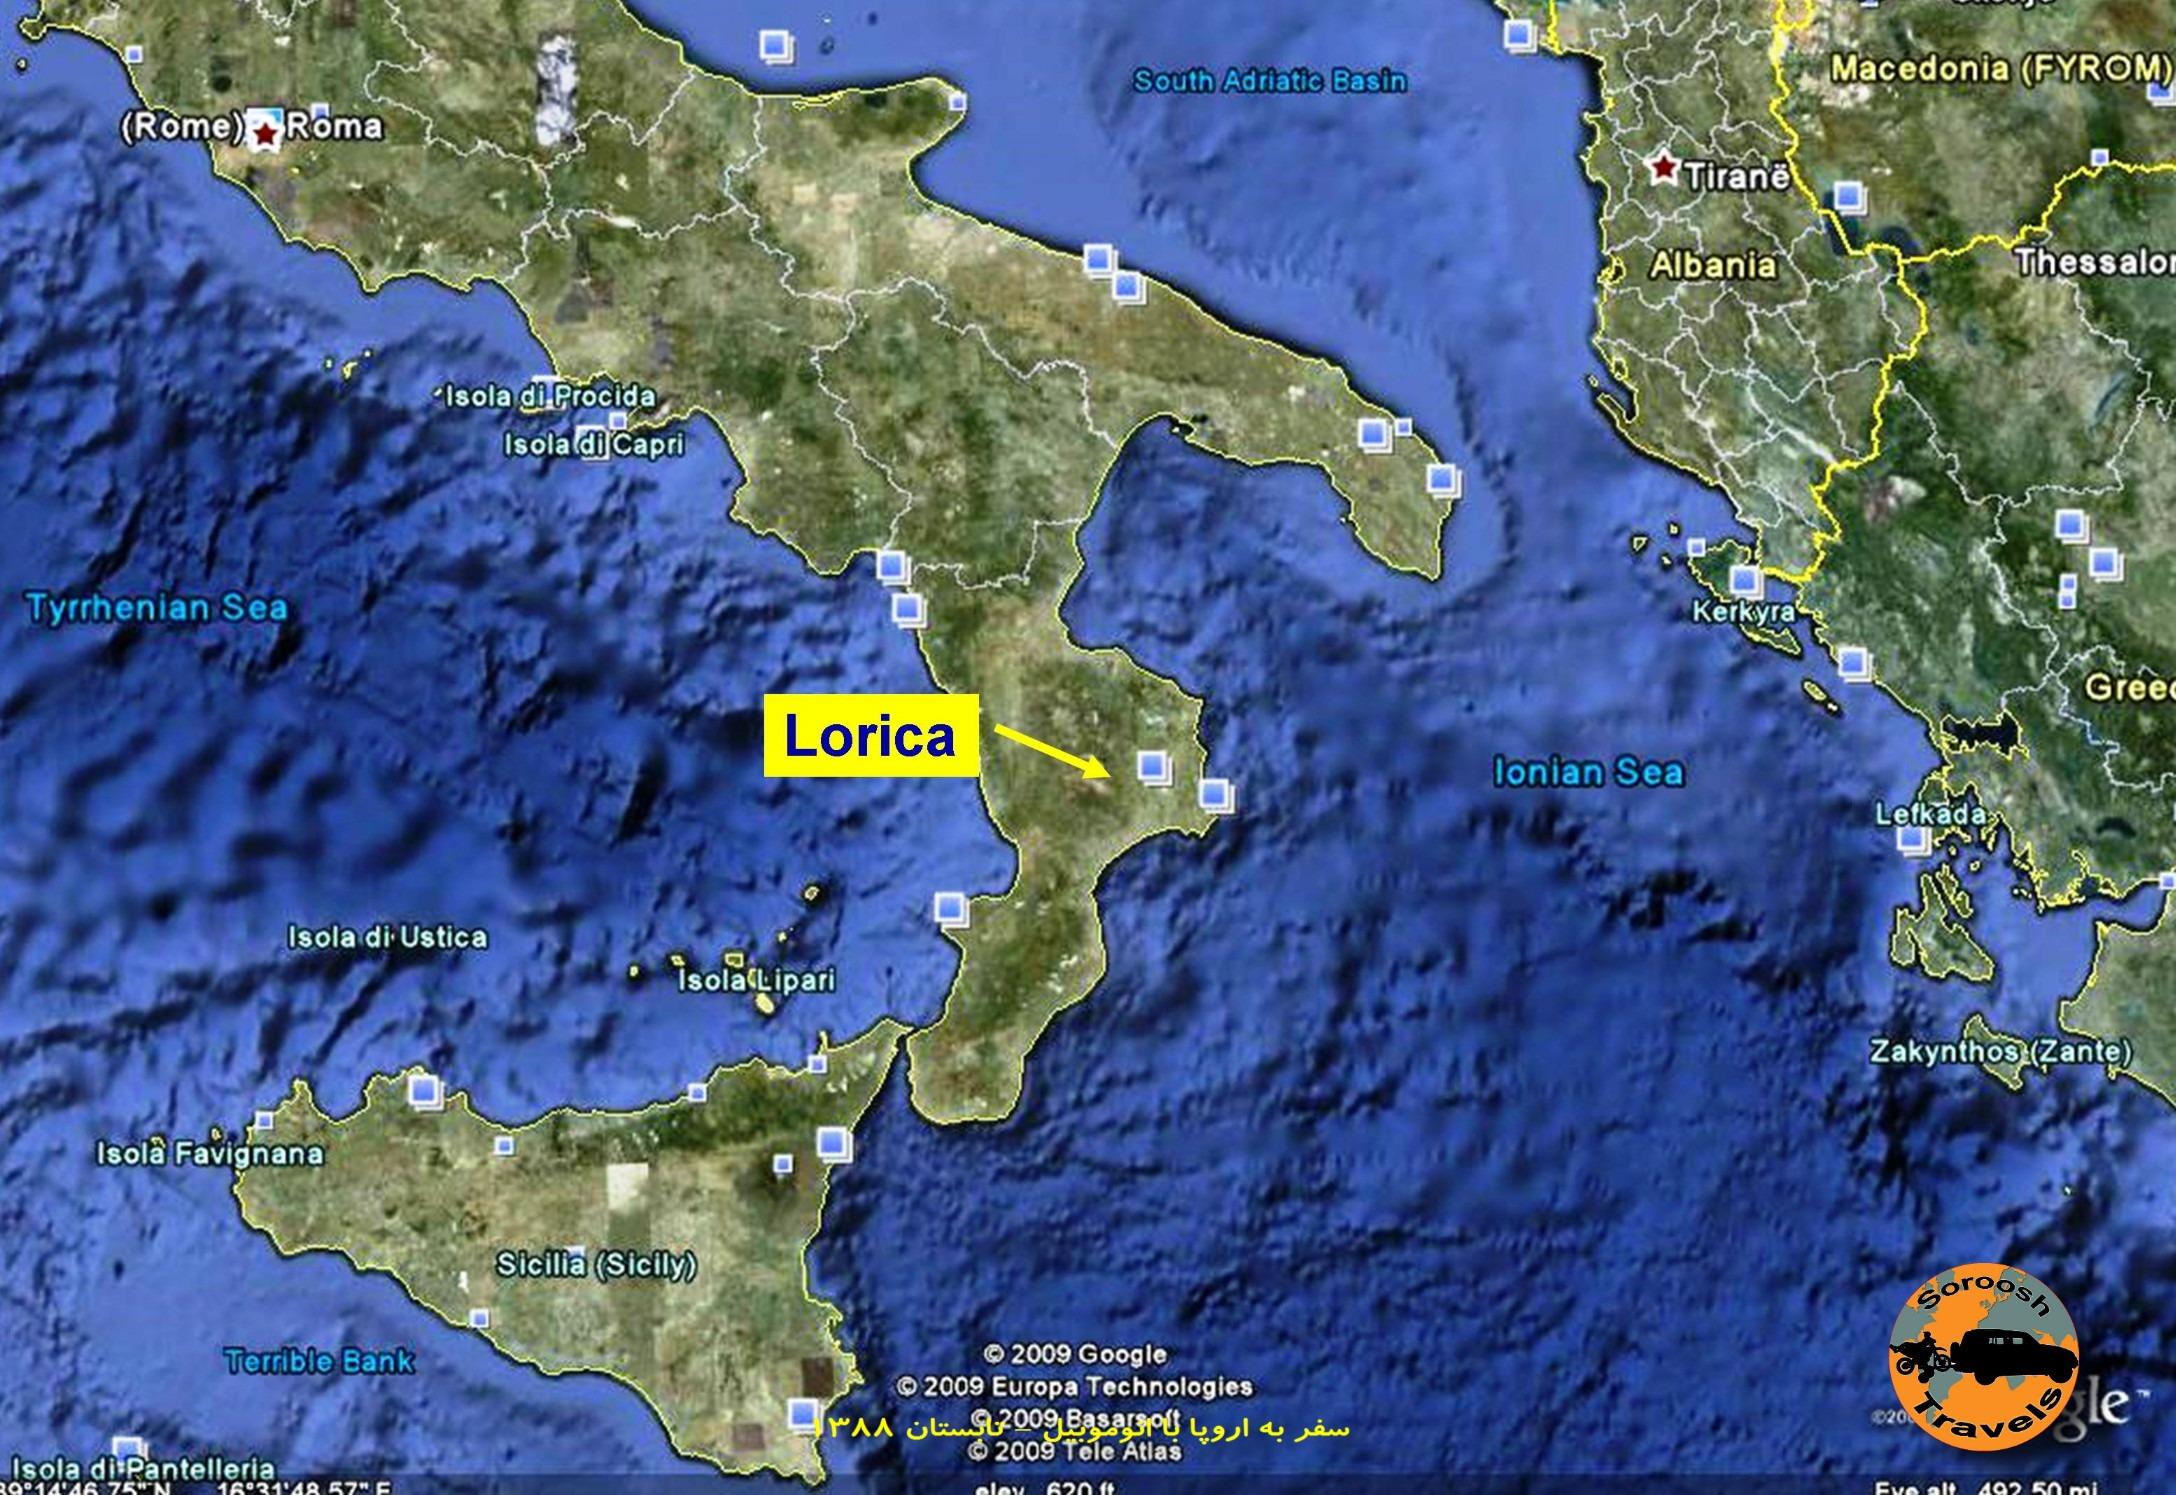 ۲۶-mordad-1388-17-august-2009-lorica-20